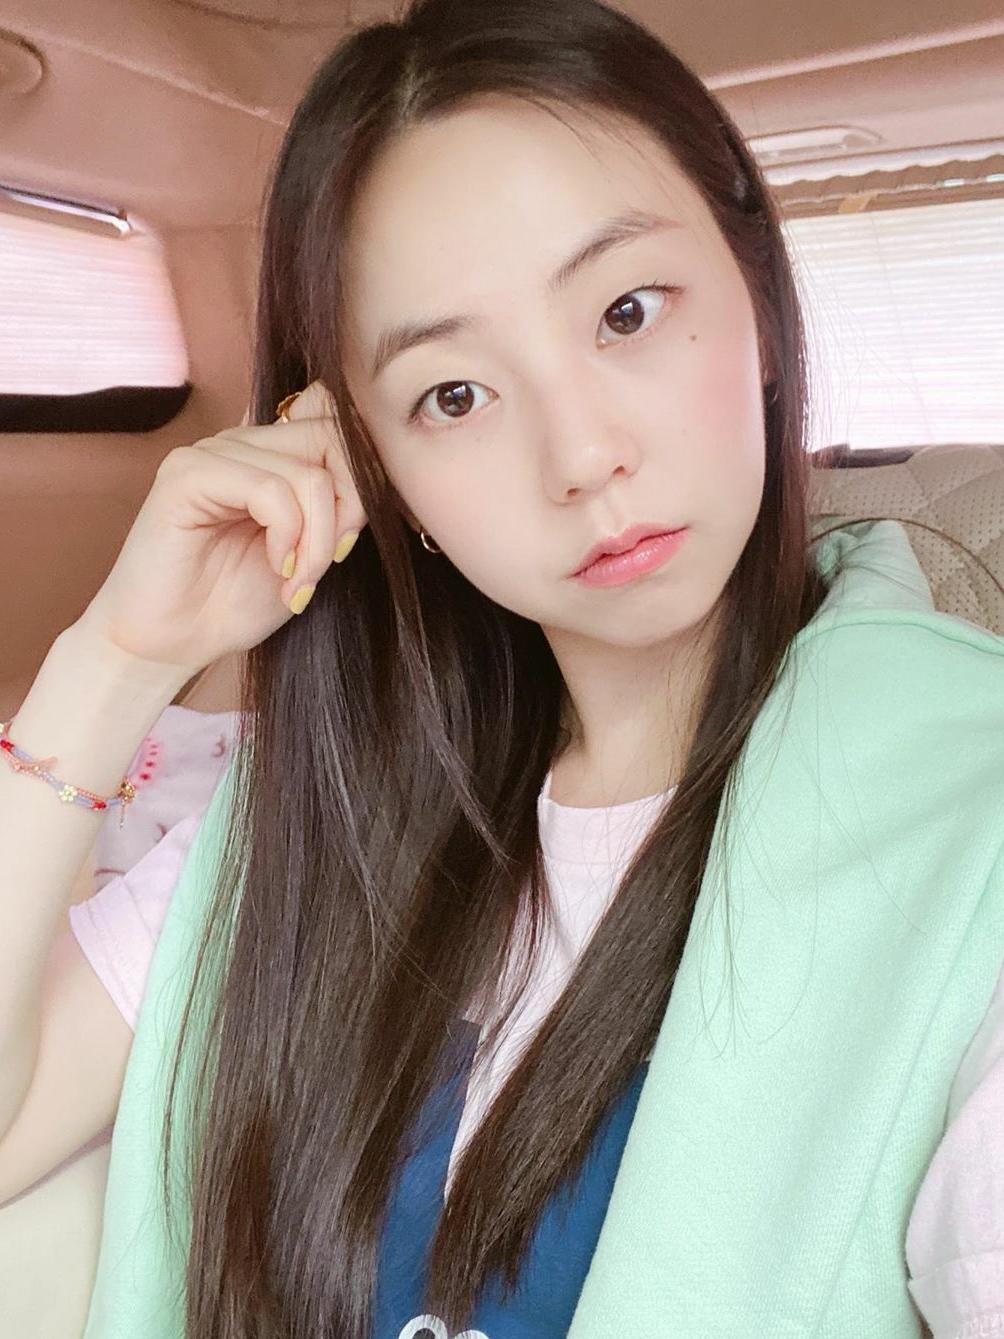 Đôi môi cuốn hút đã trở thành thương hiệu đặc trưng của Ahn So Hee (cựu thành viên Wonder Girls). Cô là một trong những visual được yêu thích nhất của Kpop thế hệ 2.